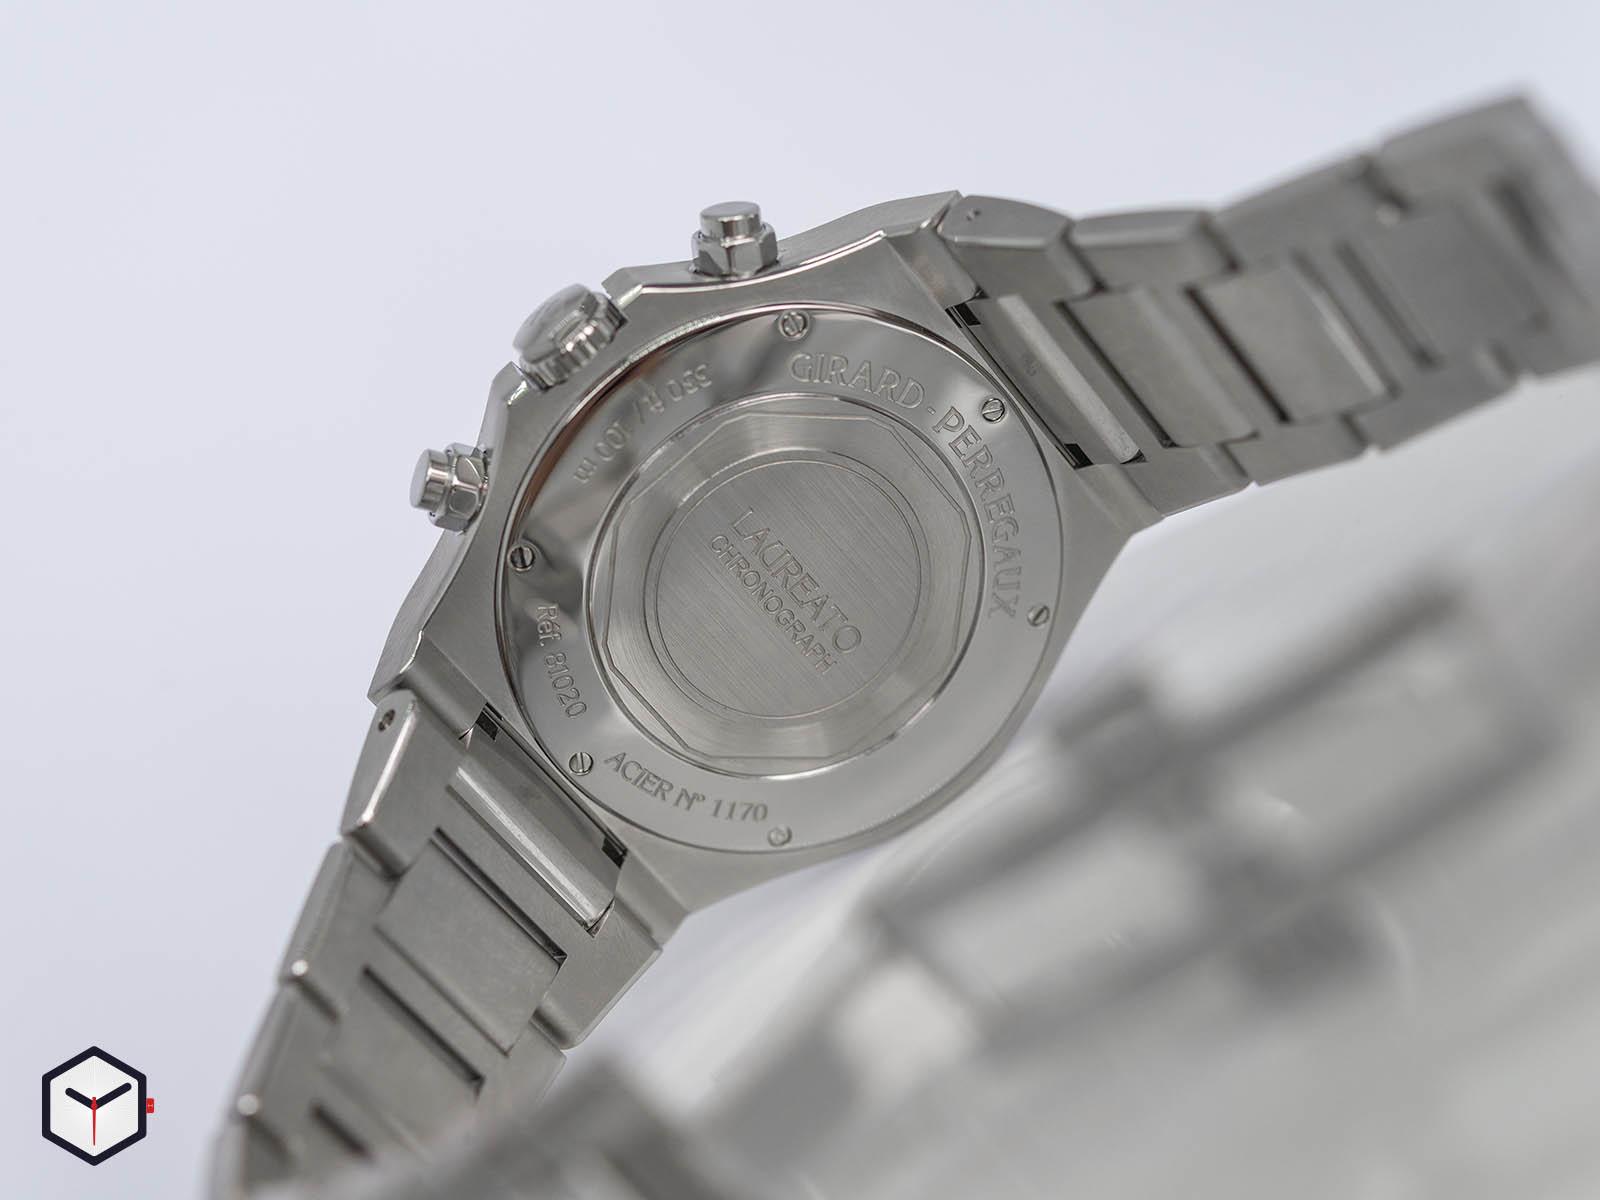 81020-11-131-11a-girard-perregaux-laureato-chronograph-42mm-4.jpg